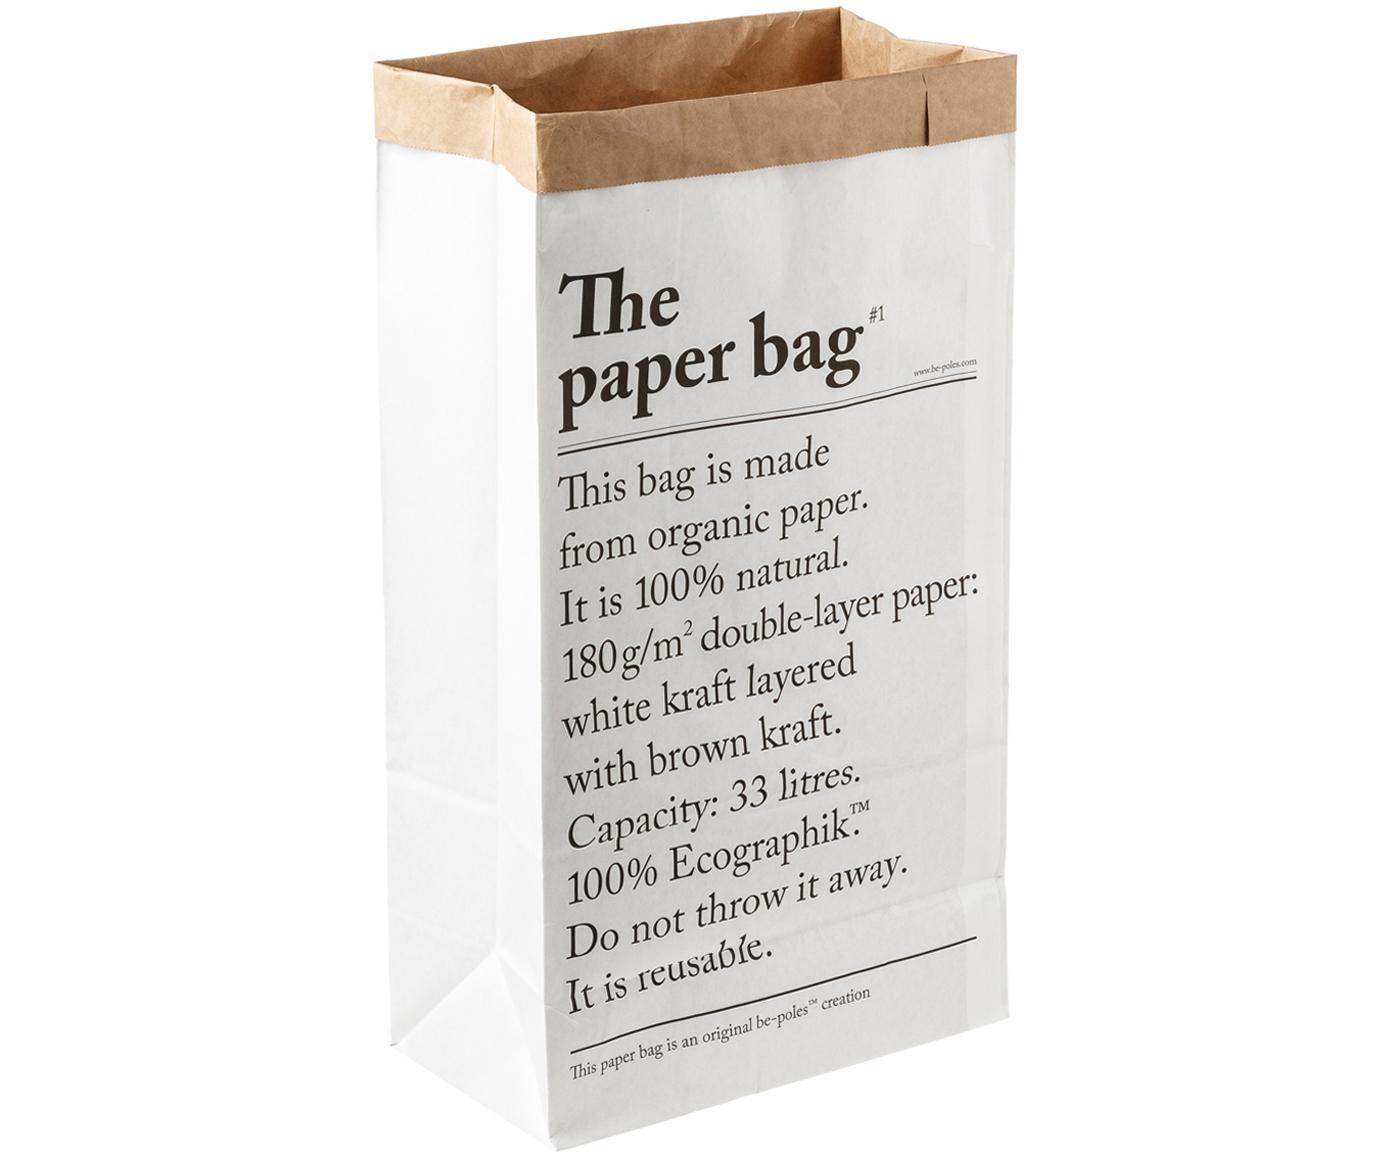 Borse di stoccaggio Le sac en papier, 2 pezzi, Carta riciclata, Bianco, L 32 x A 60 cm